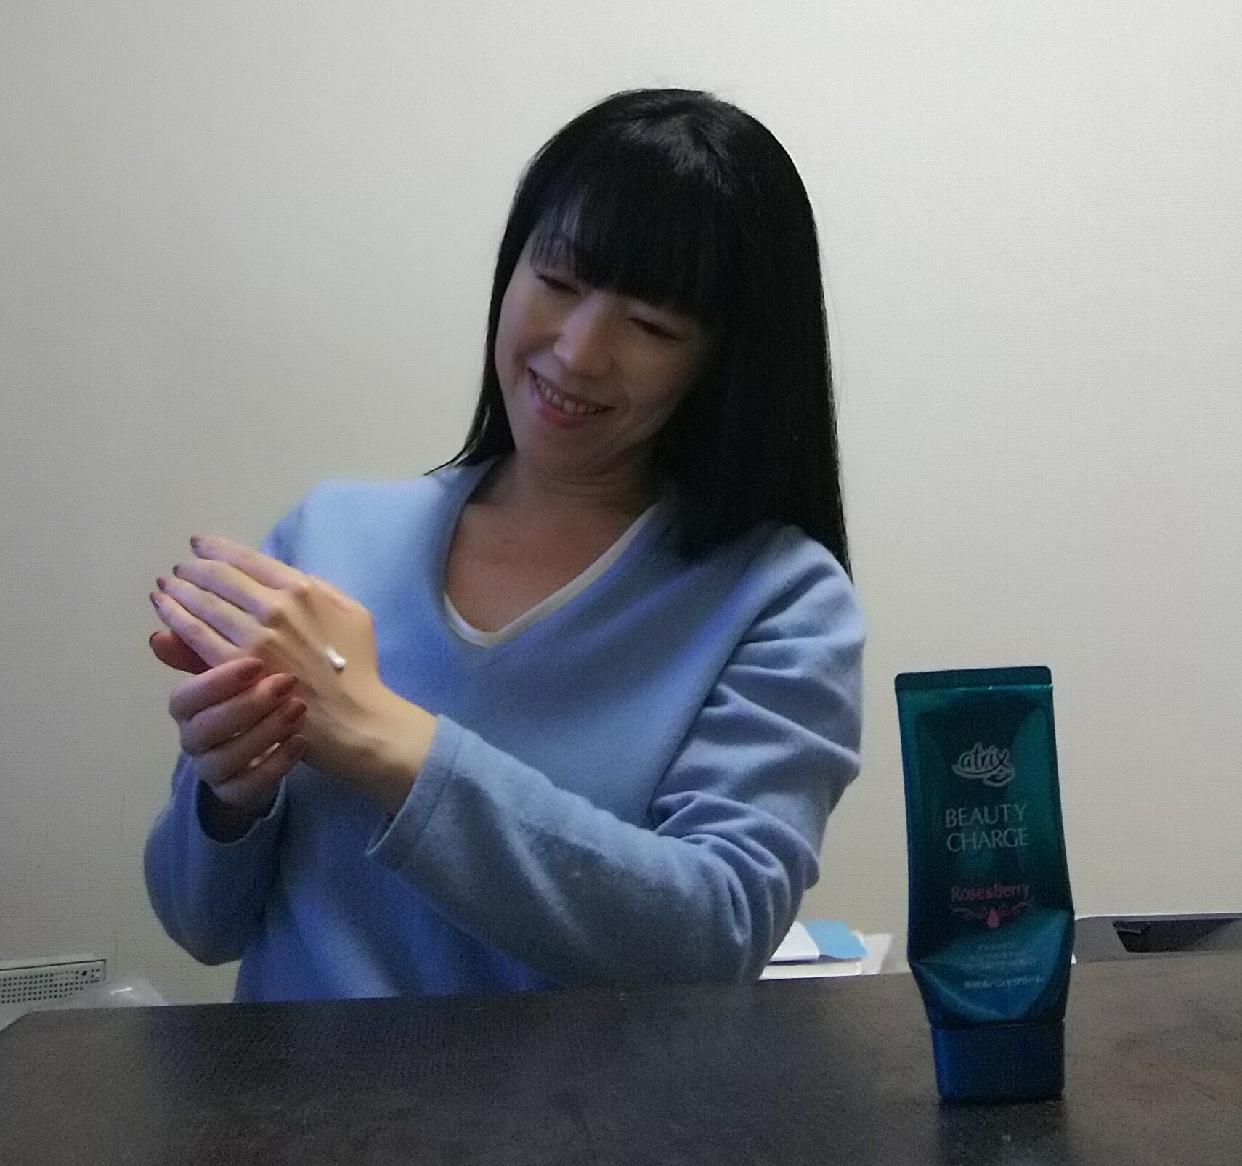 atrix(アトリックス) ビューティーチャージを使った東 洋美さんのクチコミ画像2